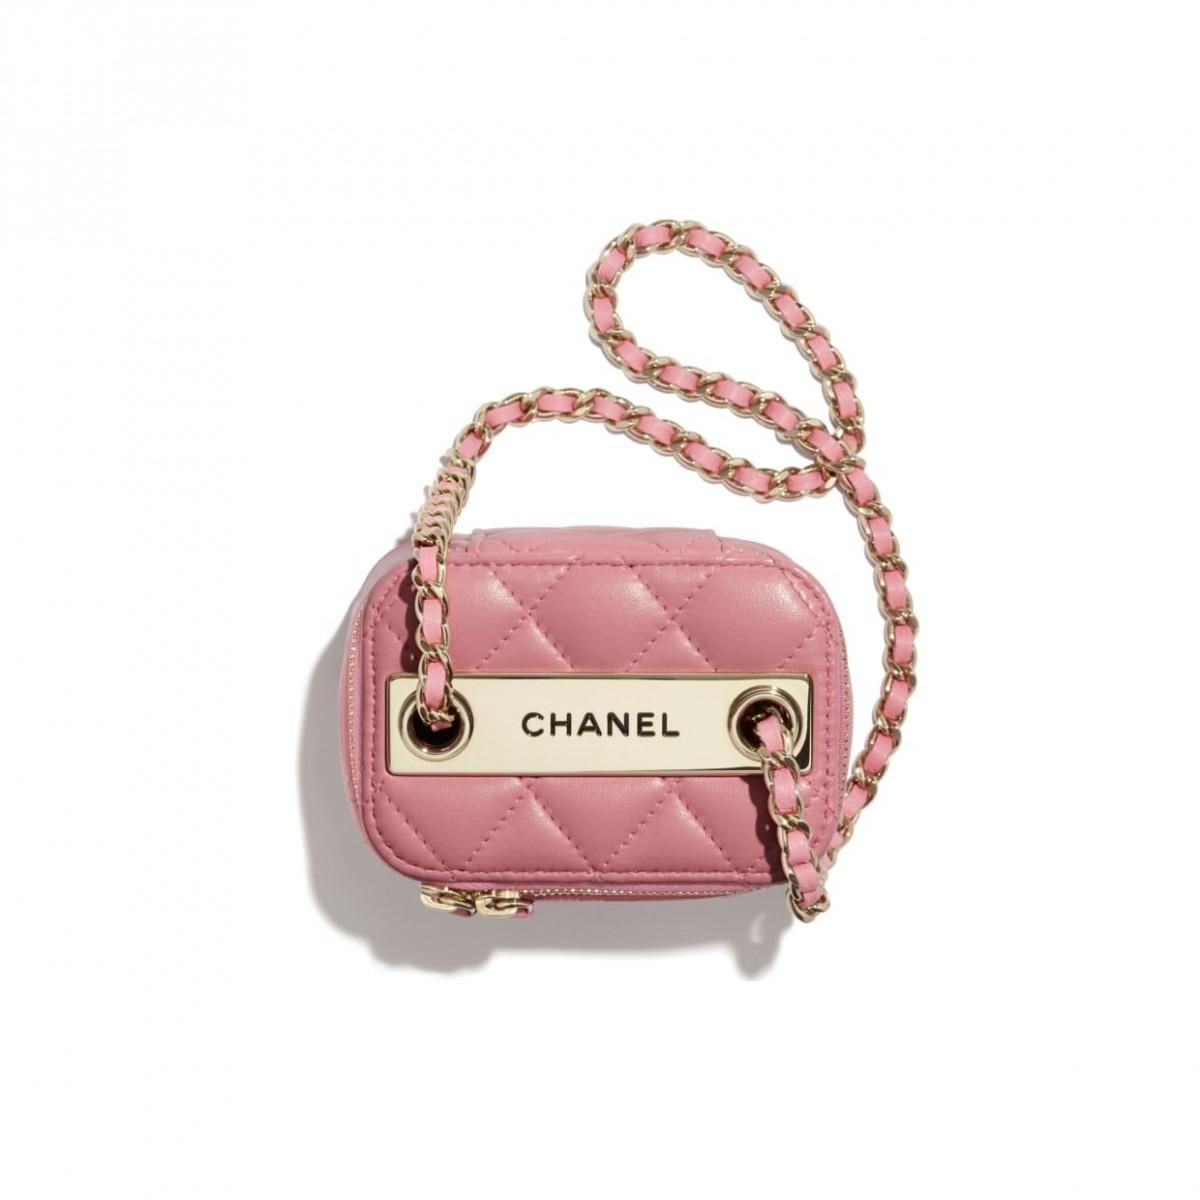 CHANEL手袋2020款式價錢HK$16,000內 小鑽球classic box小資女保值款